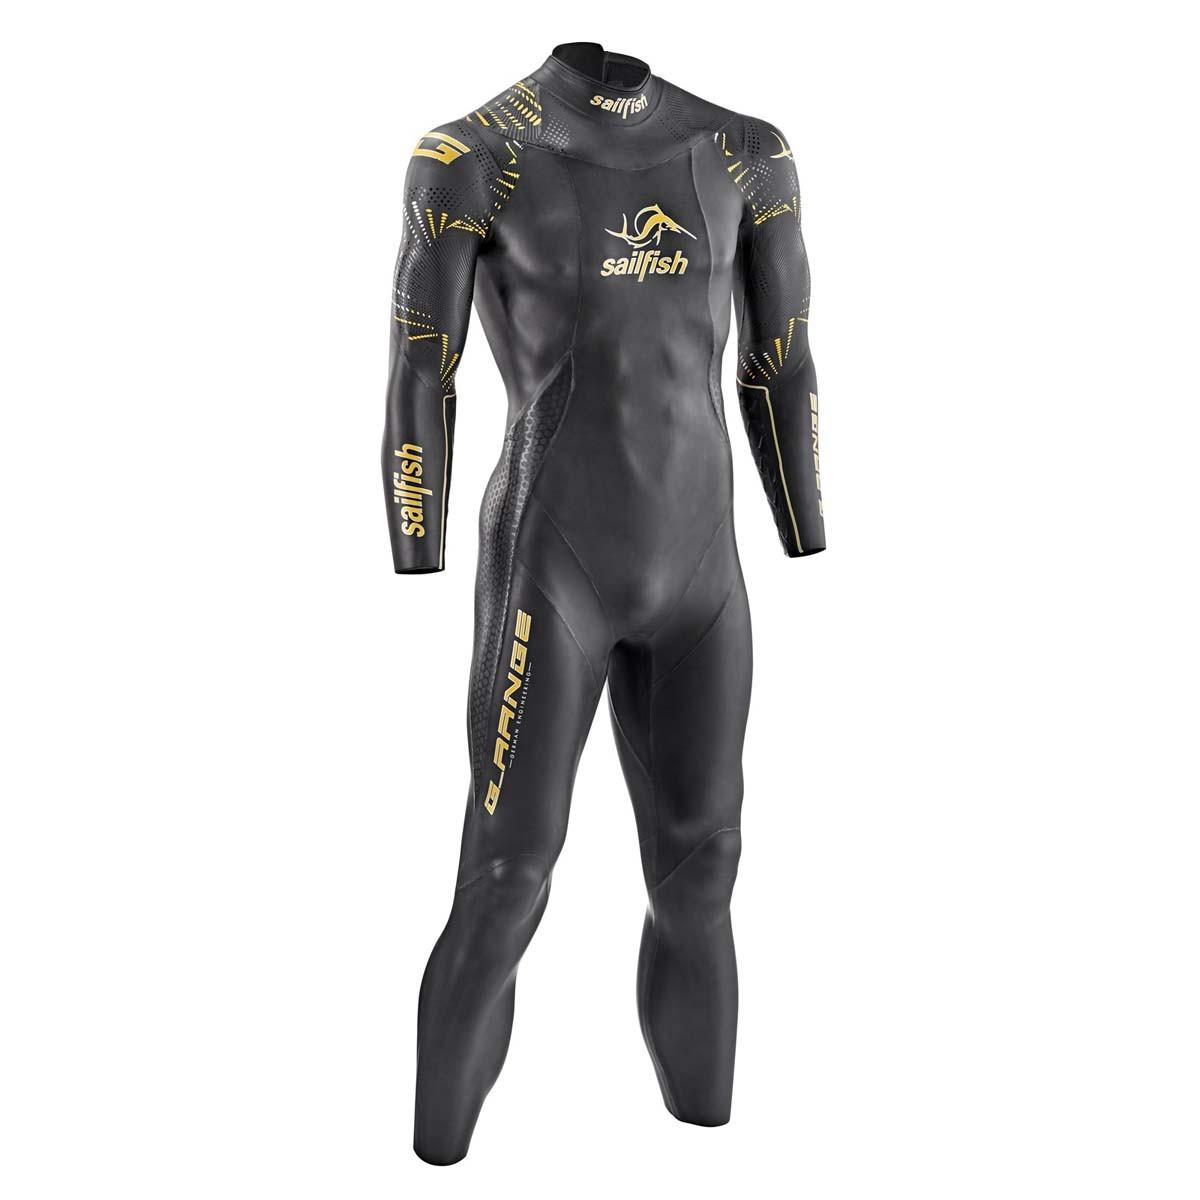 Sailfish wetsuit G-Range 2016 - Neoprenanzug Herren